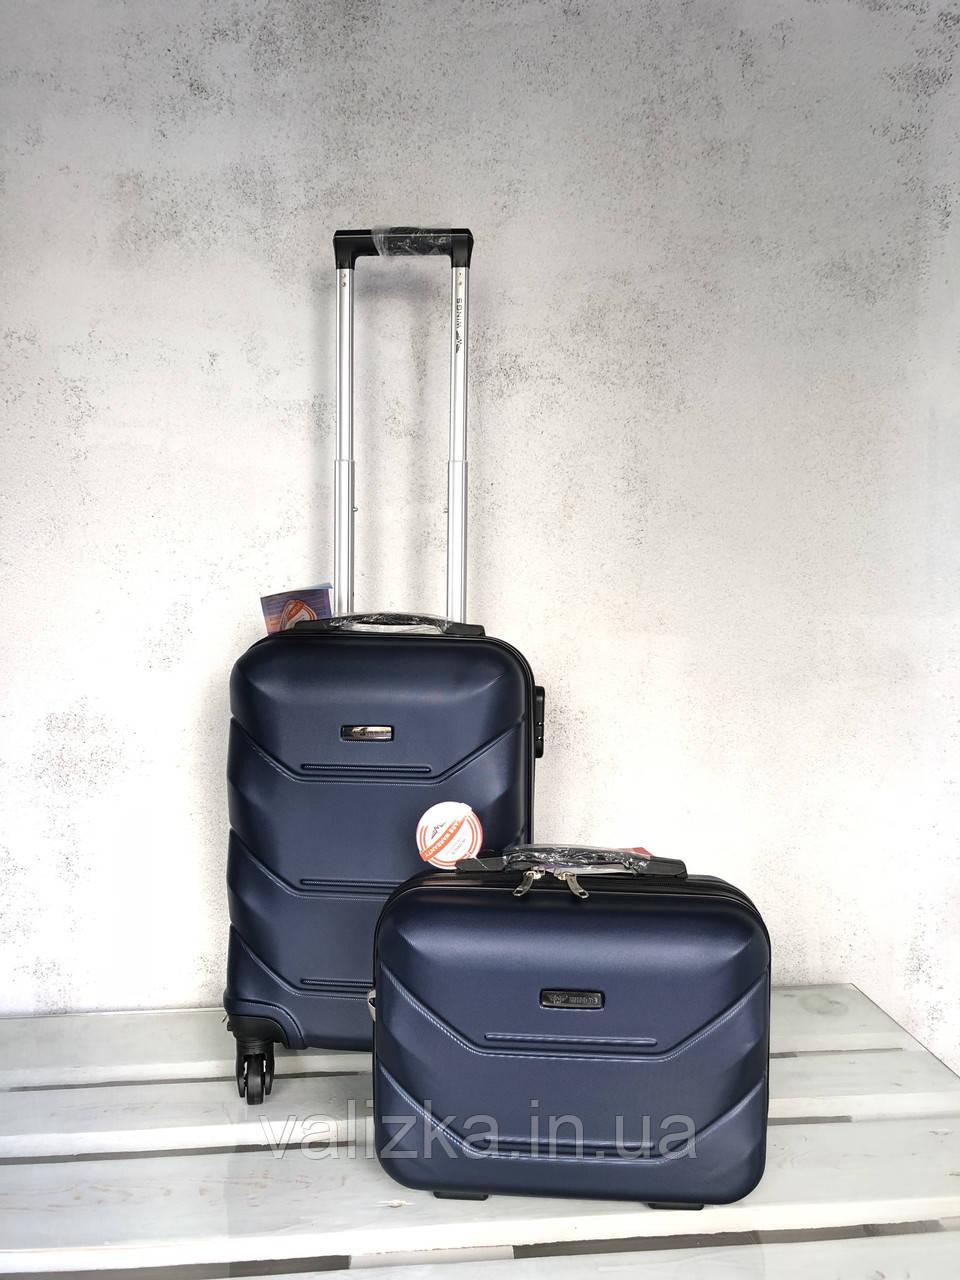 Валізу з полікарбонату на колесах малий для ручної поклажі синю валізу Польща / Валіза з полікарбонату